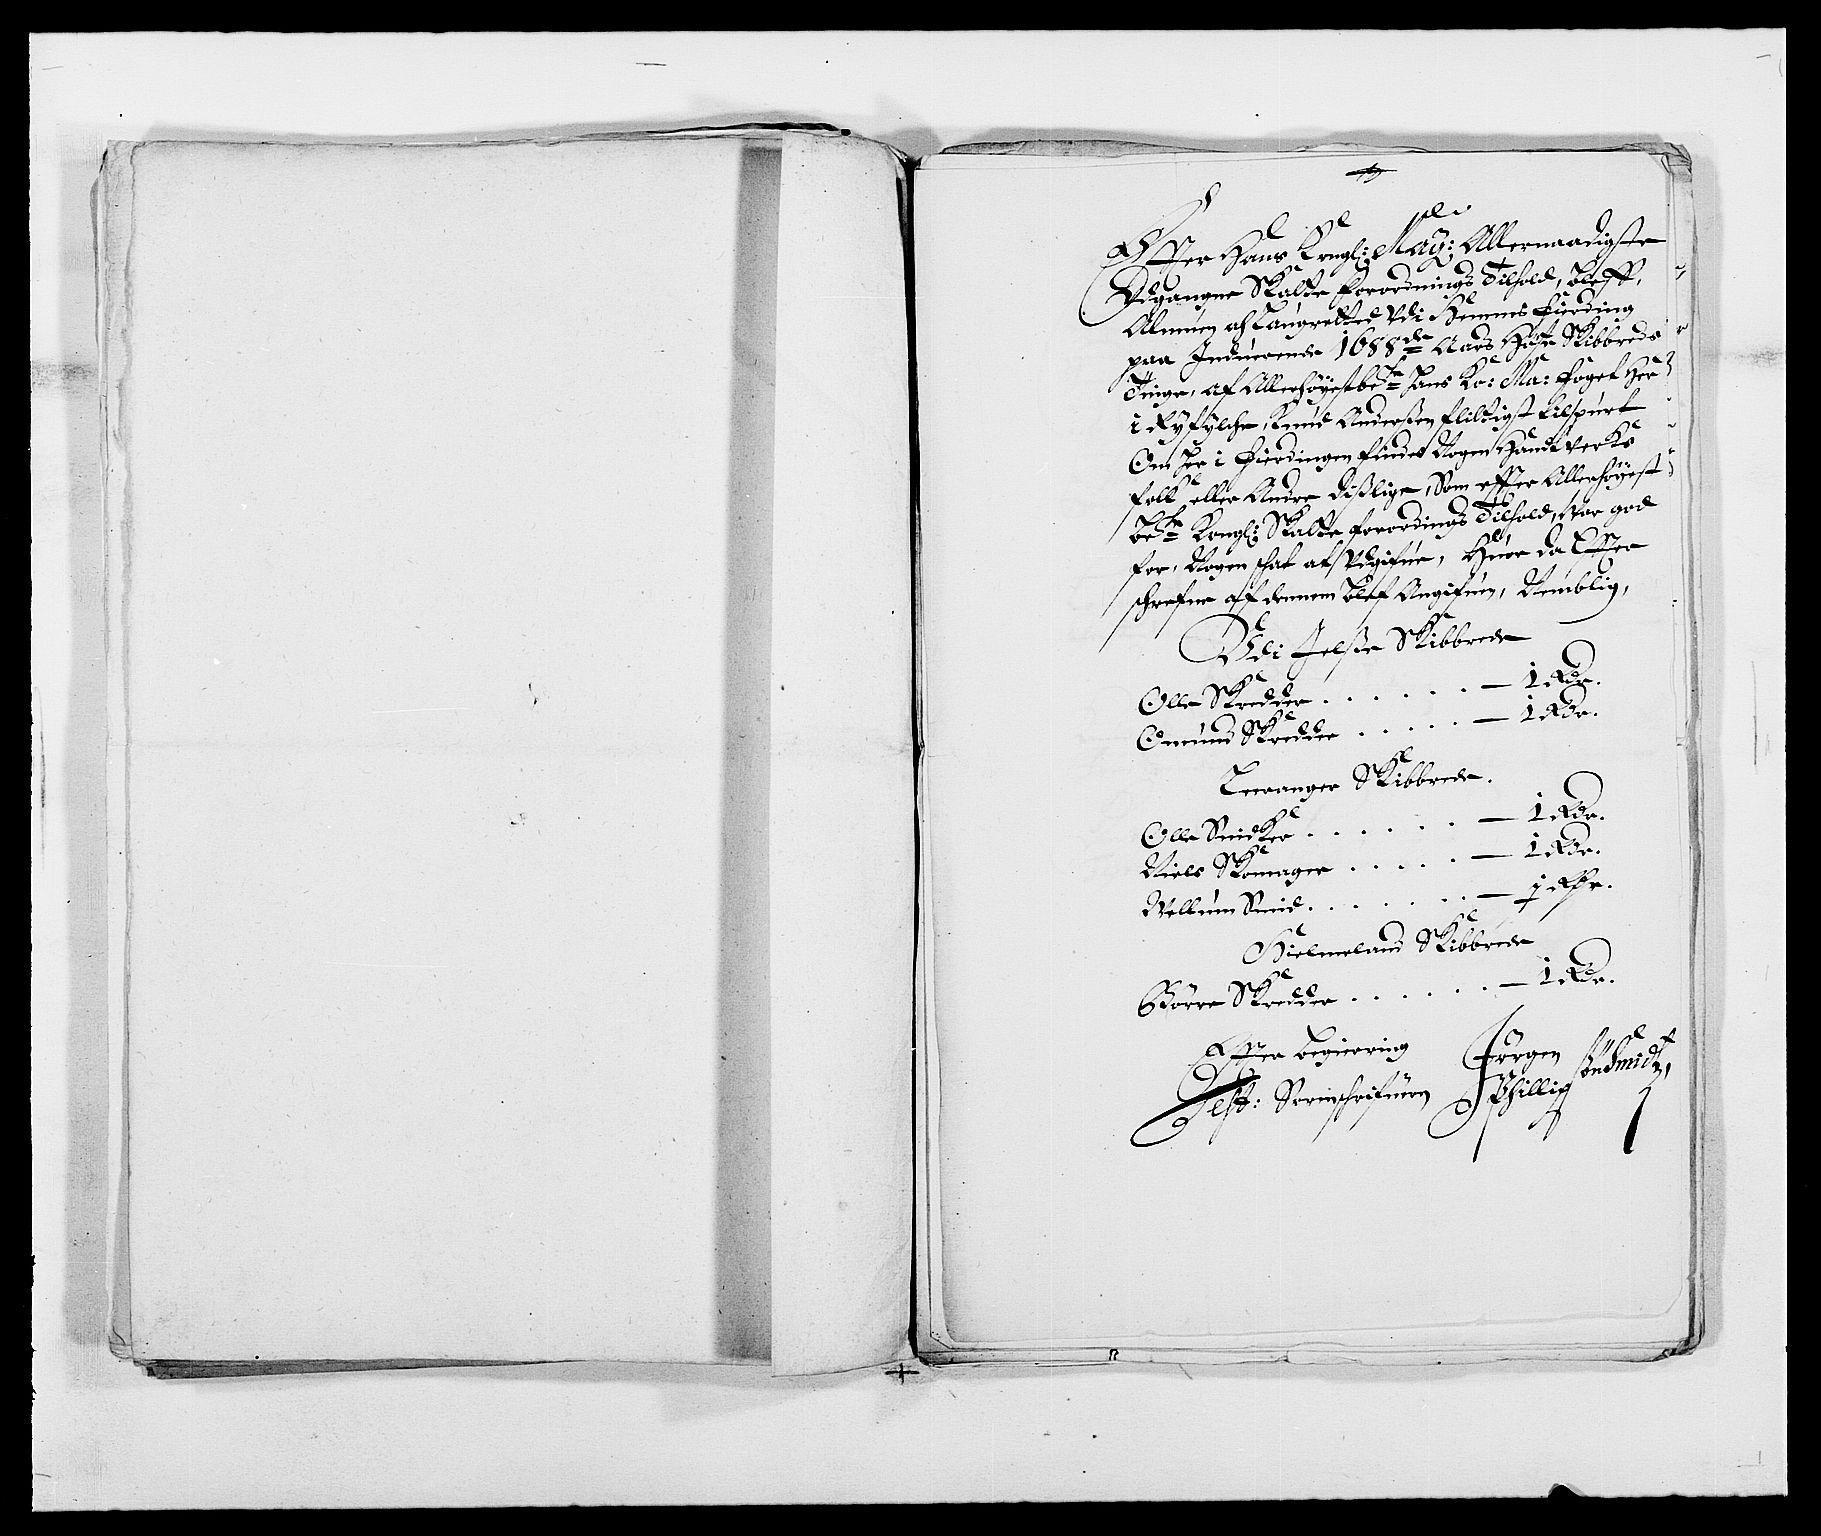 RA, Rentekammeret inntil 1814, Reviderte regnskaper, Fogderegnskap, R47/L2855: Fogderegnskap Ryfylke, 1685-1688, s. 385